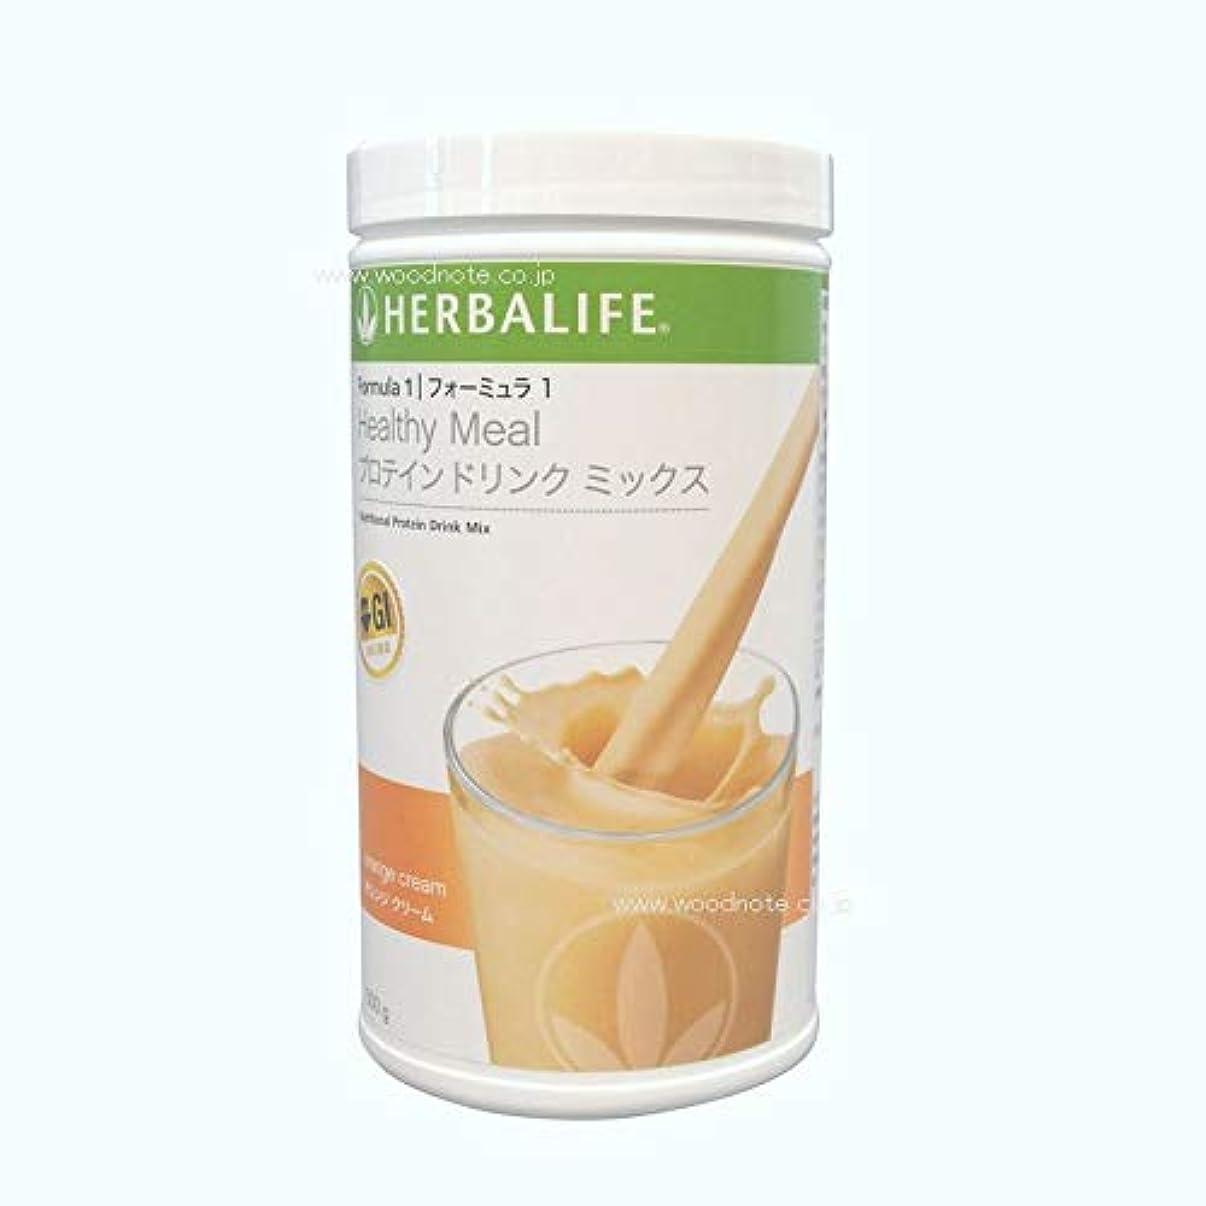 美的デンプシーゲートウェイハーバライフ HERBALIFE フォーミュラ1プロテインドリンクミックス オレンジクリーム味